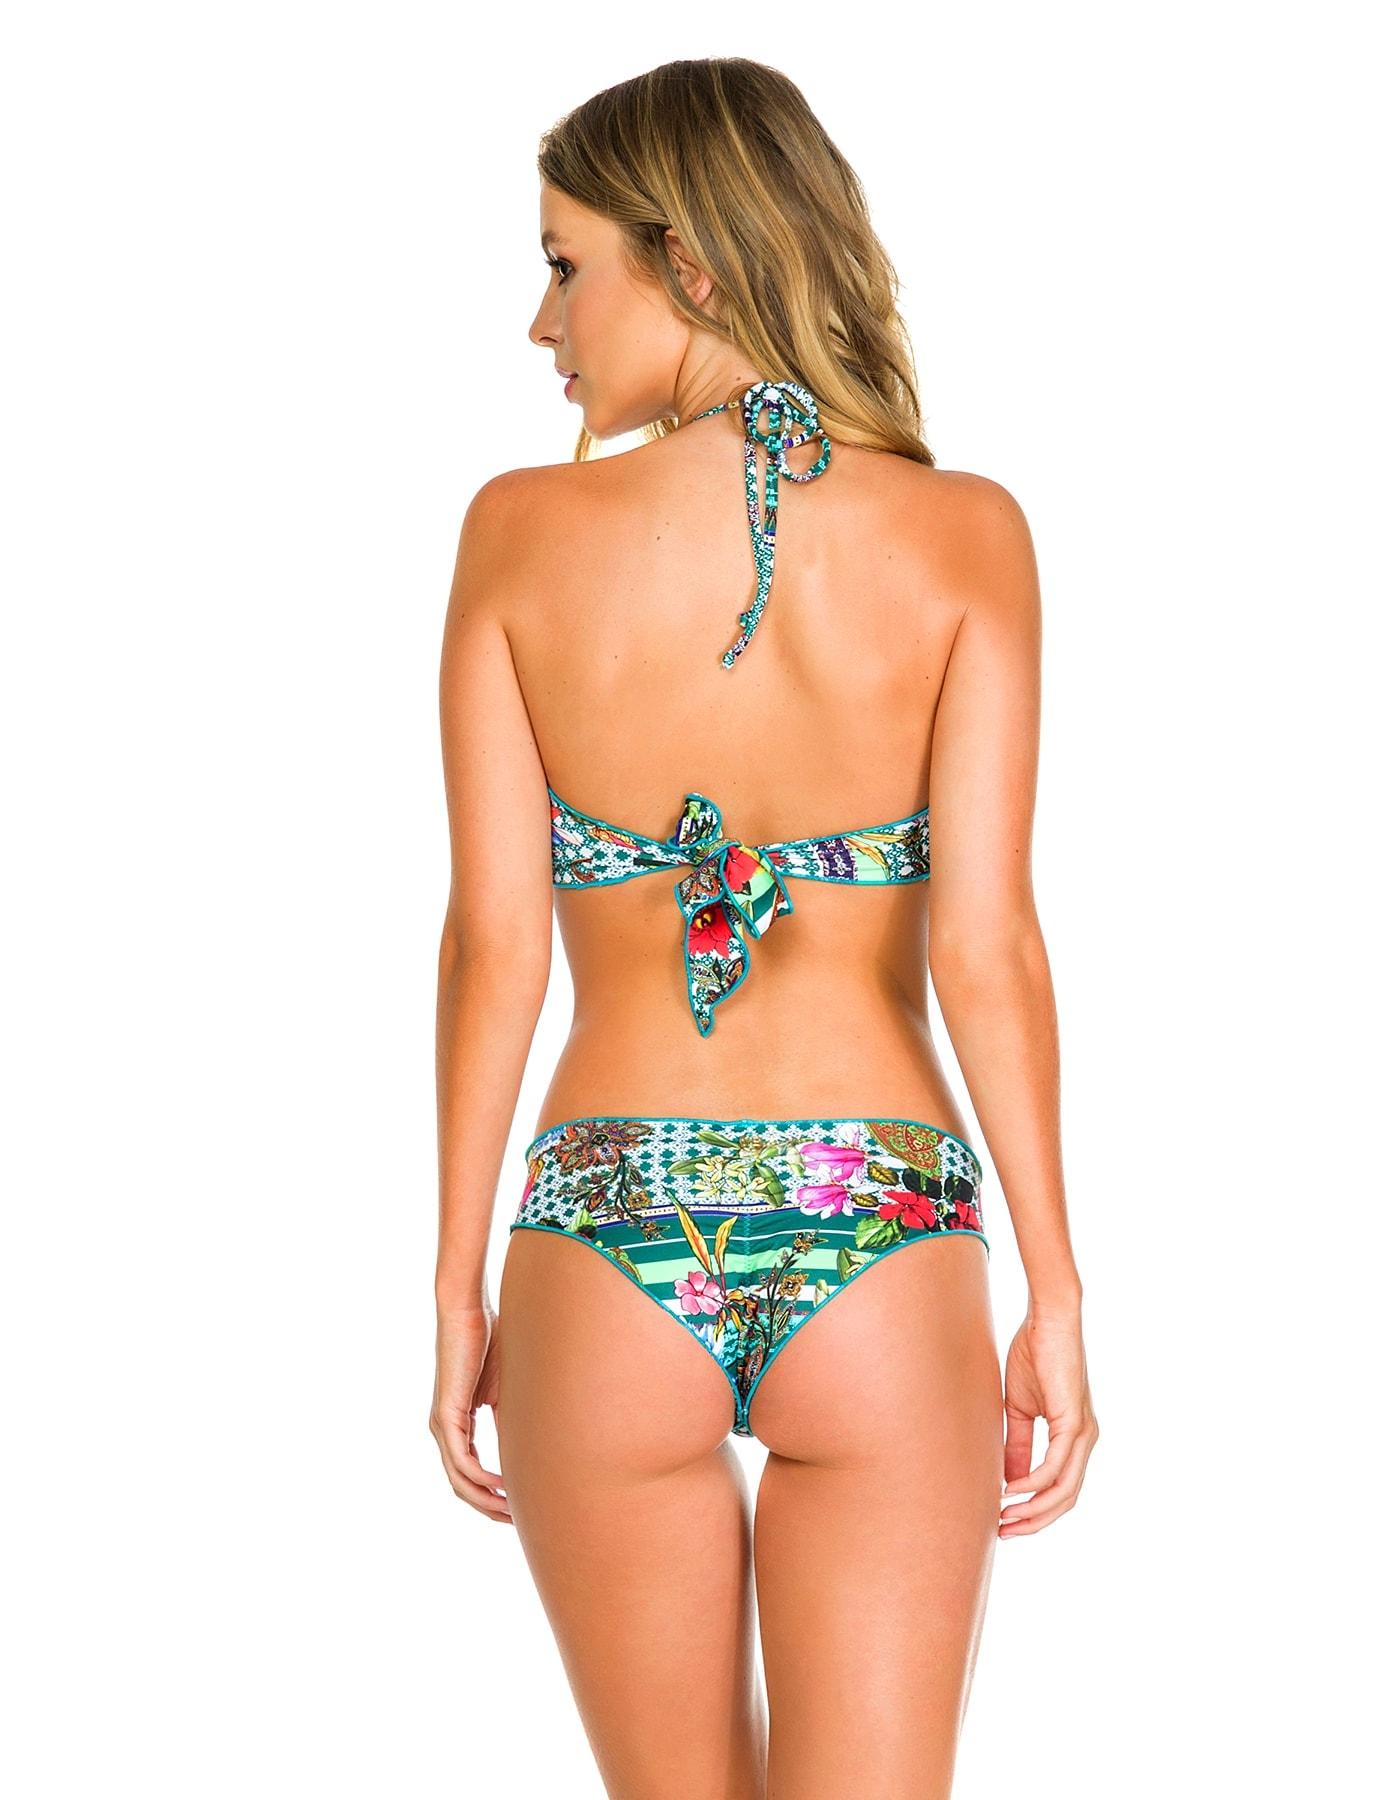 Crop Top Bikini floral anudado en cuello y espalda E